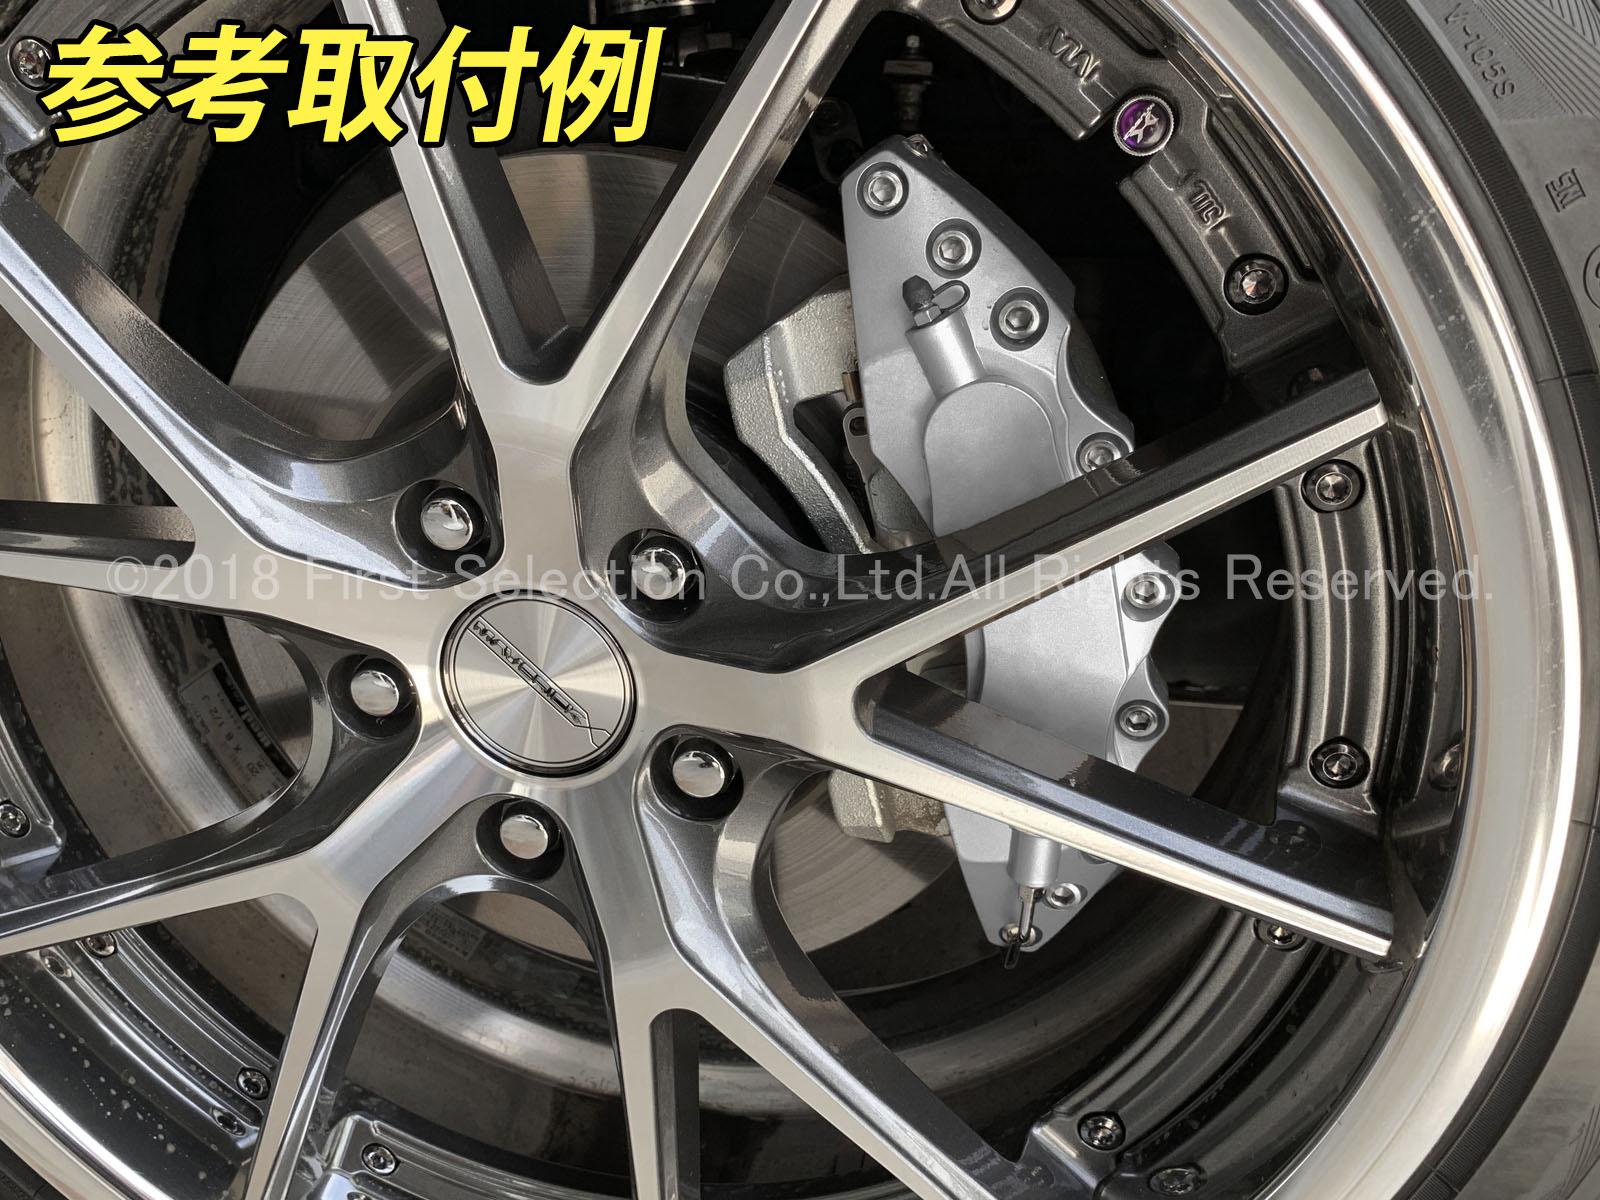 メルセデスベンツ車 Mercedes-Benzロゴ黒文字 汎用高品質キャリパーカバーL/Mサイズセット 銀 シルバー